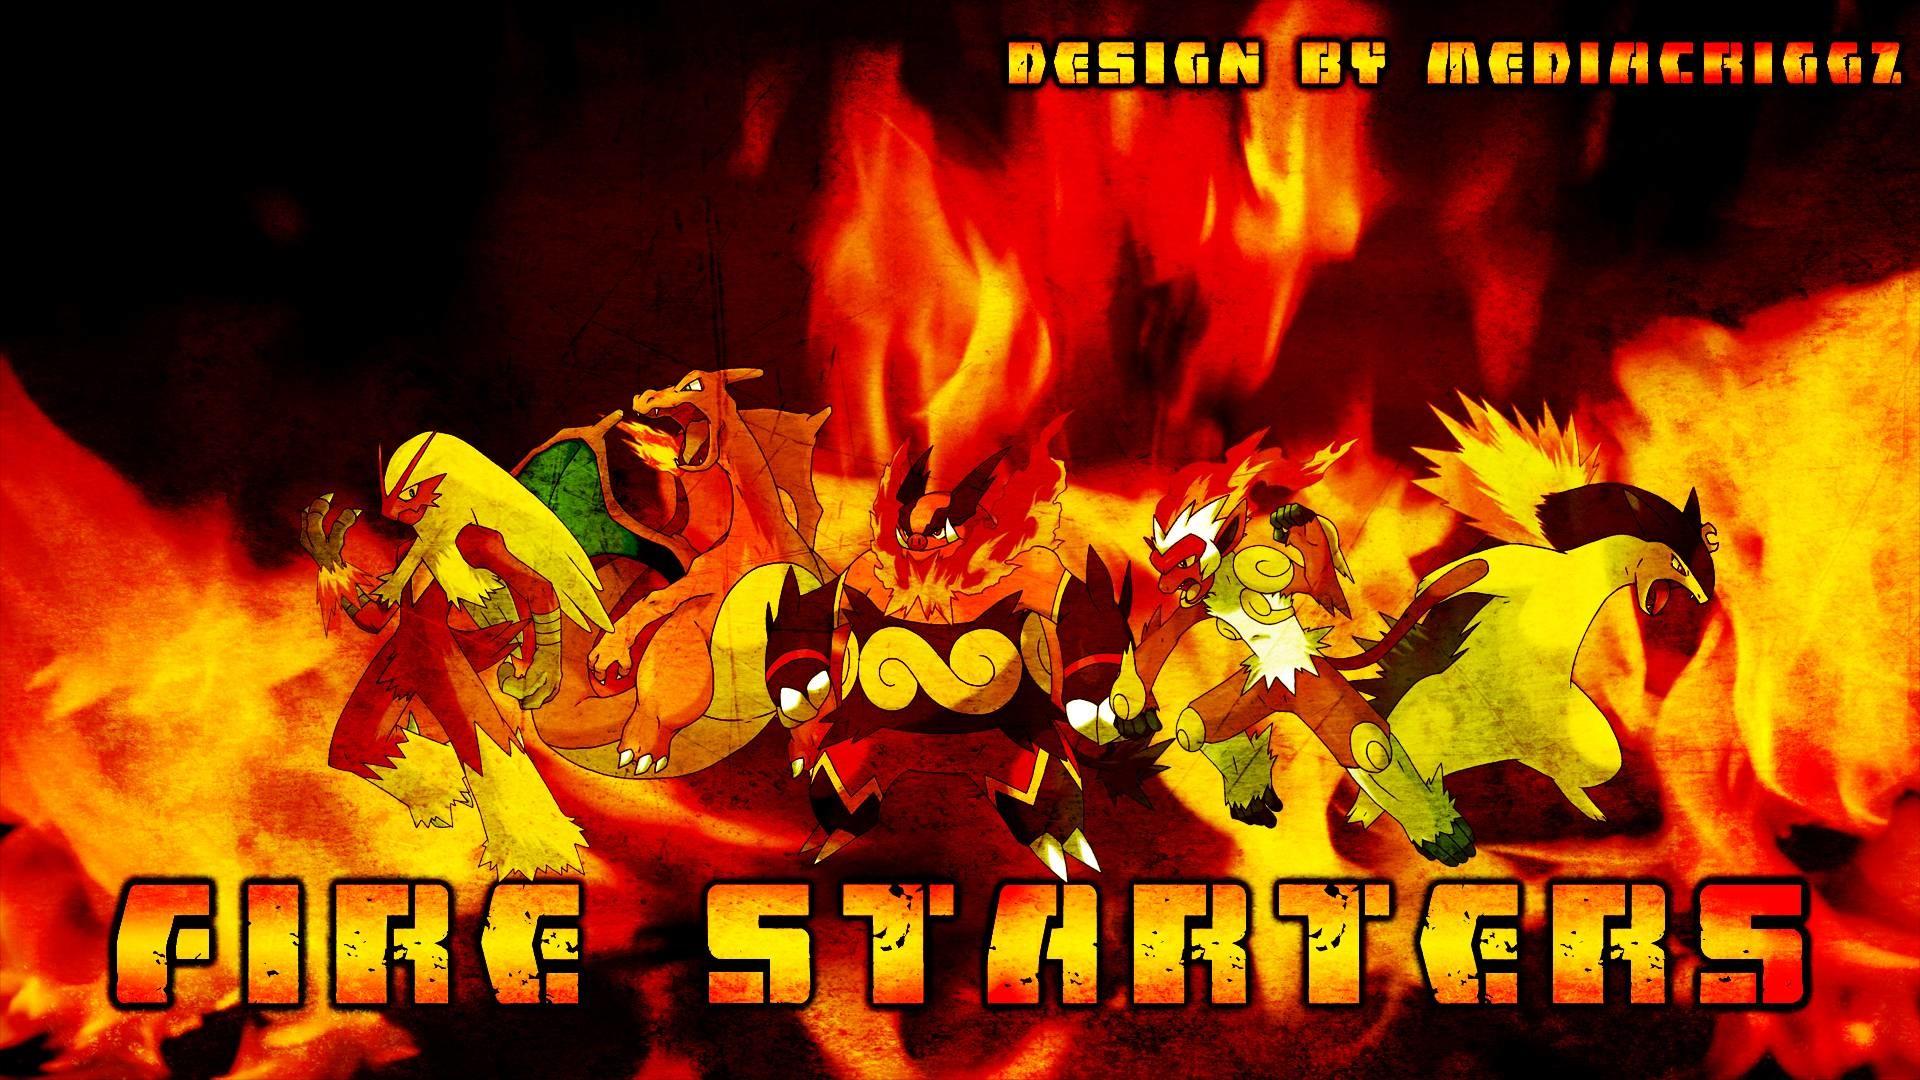 Pokemon Fire Starters Wallpaper by MediaCriggz on DeviantArt